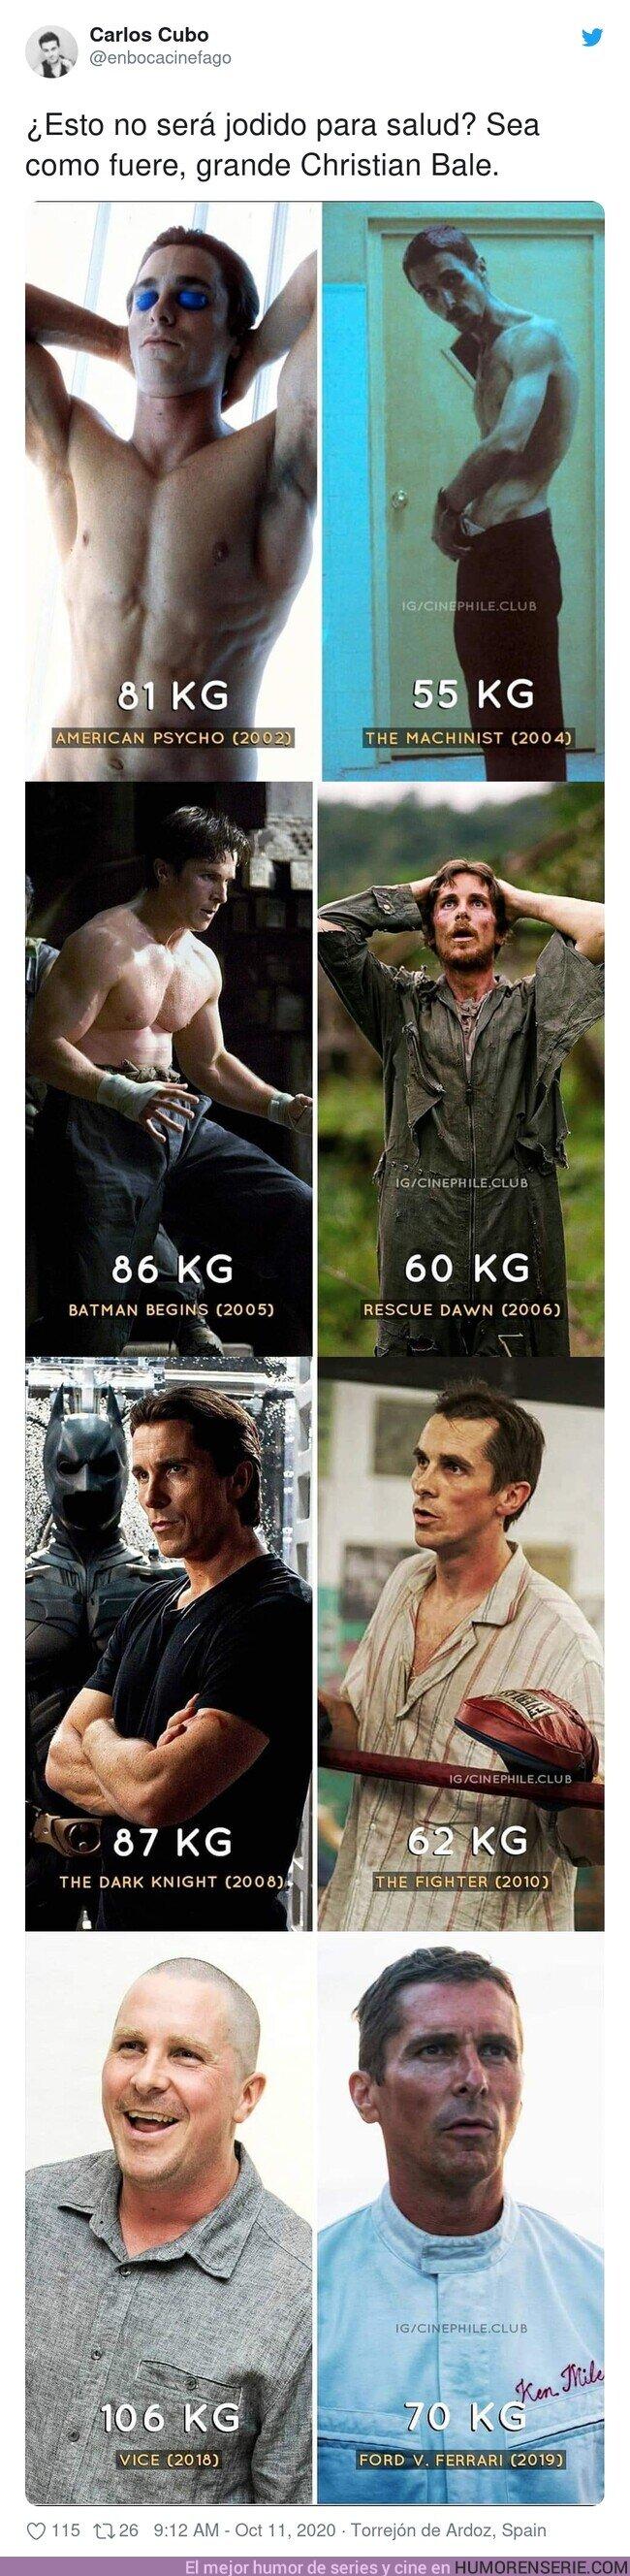 59380 - GALERÍA: Diferencias de peso muy locas en las películas de Christian Bale